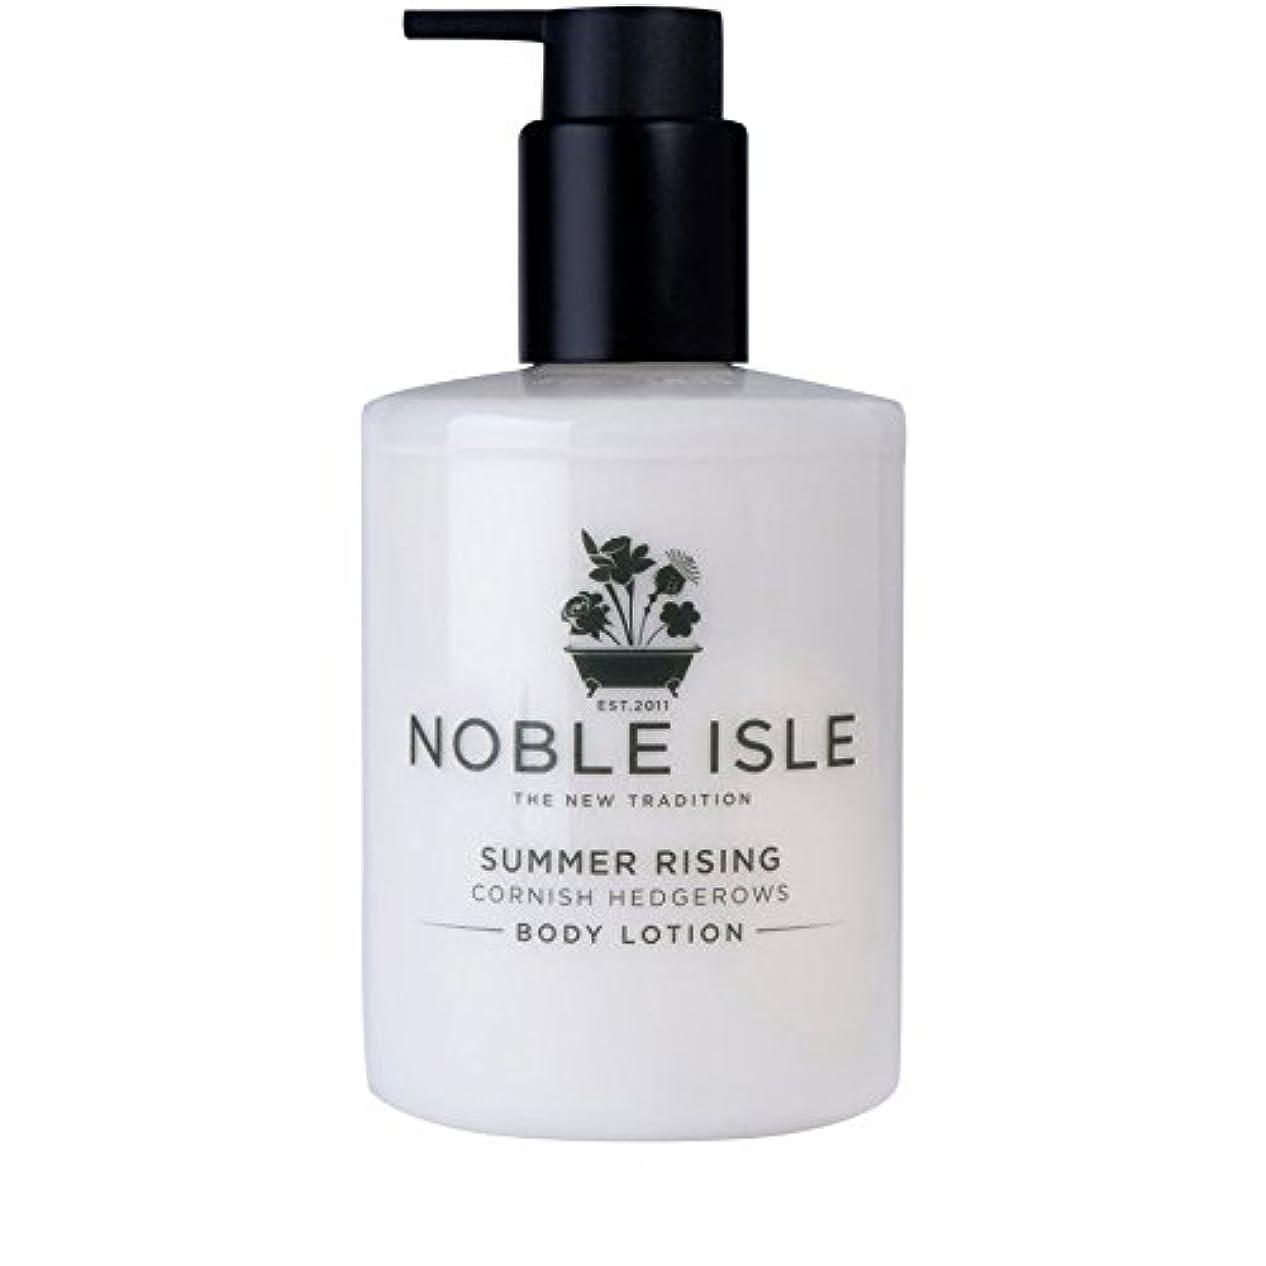 ダニ割り当てます機関Noble Isle Summer Rising Cornish Hedgerows Body Lotion 250ml - コーニッシュ生け垣ボディローション250ミリリットルを上昇高貴な島の夏 [並行輸入品]